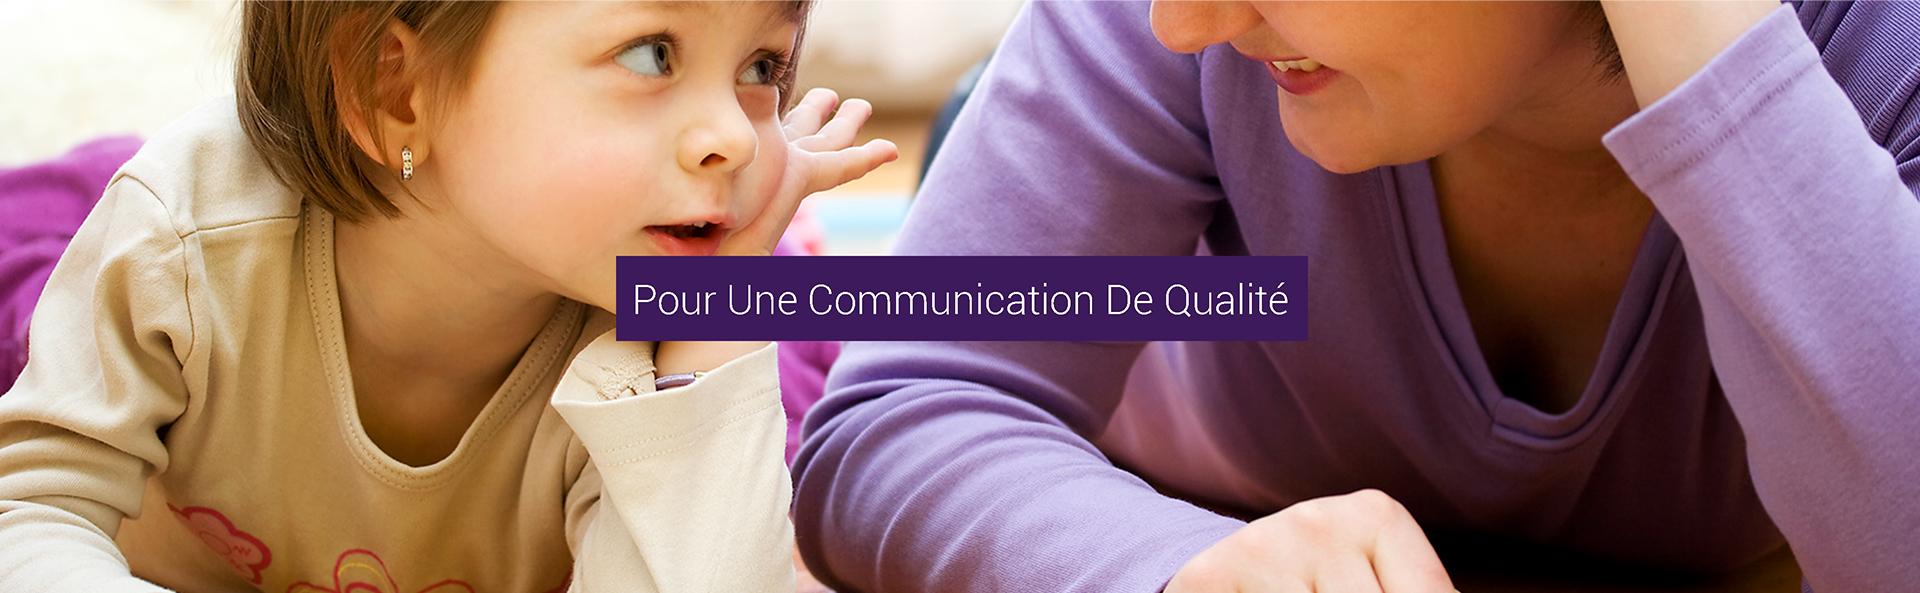 Communication De Qualite1